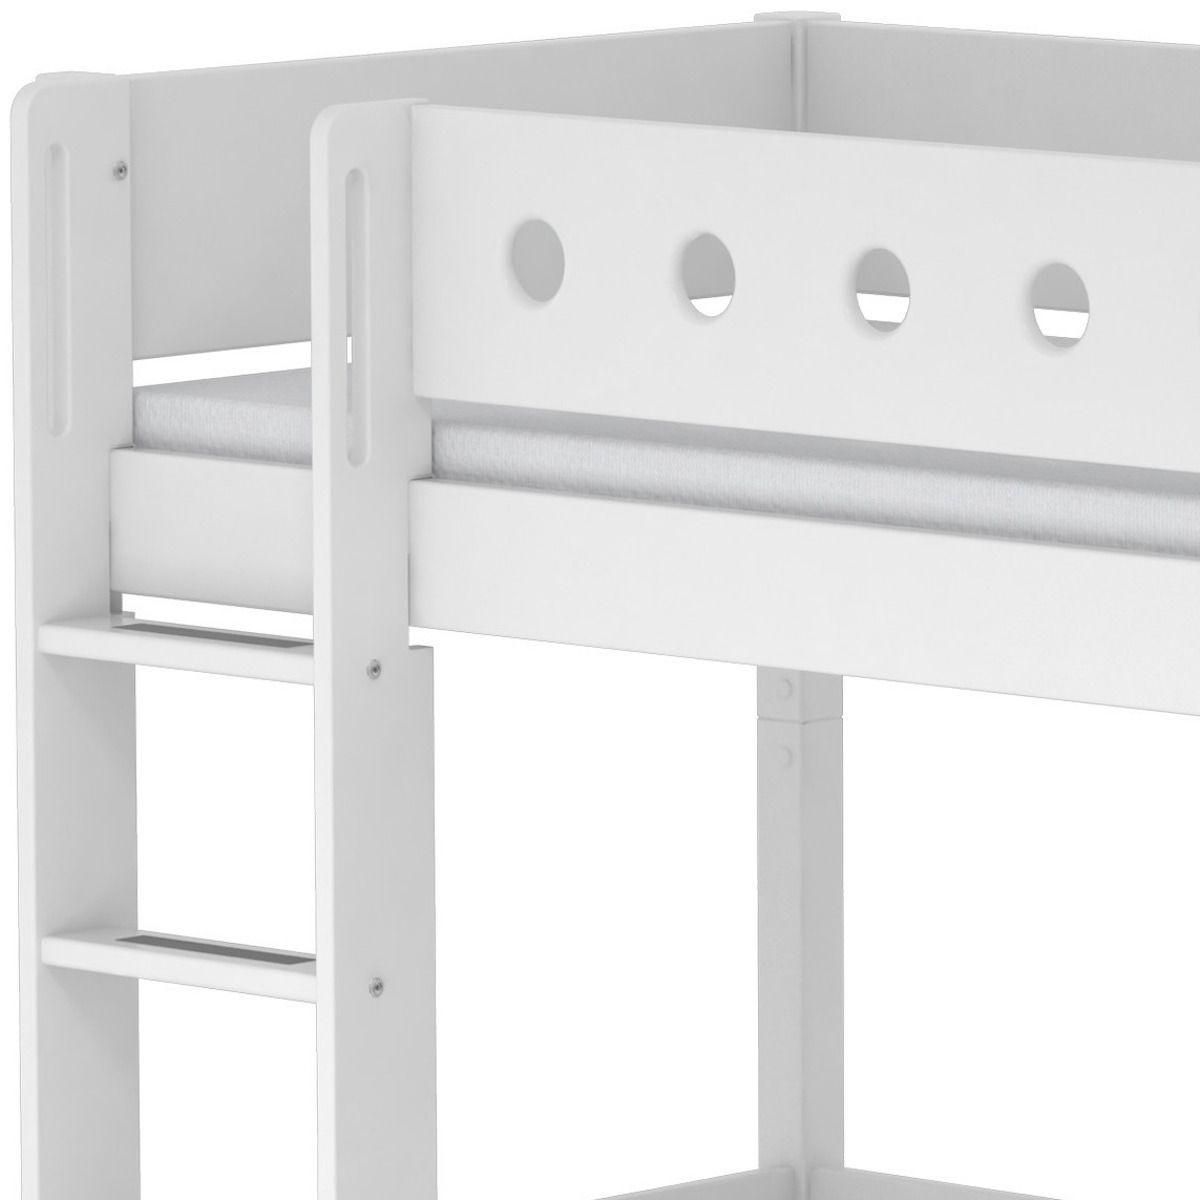 Lit mezzanine enfant 90x200 WHITE Flexa avec barrière blanche, pied blanc, module de couchage, bureau click-on